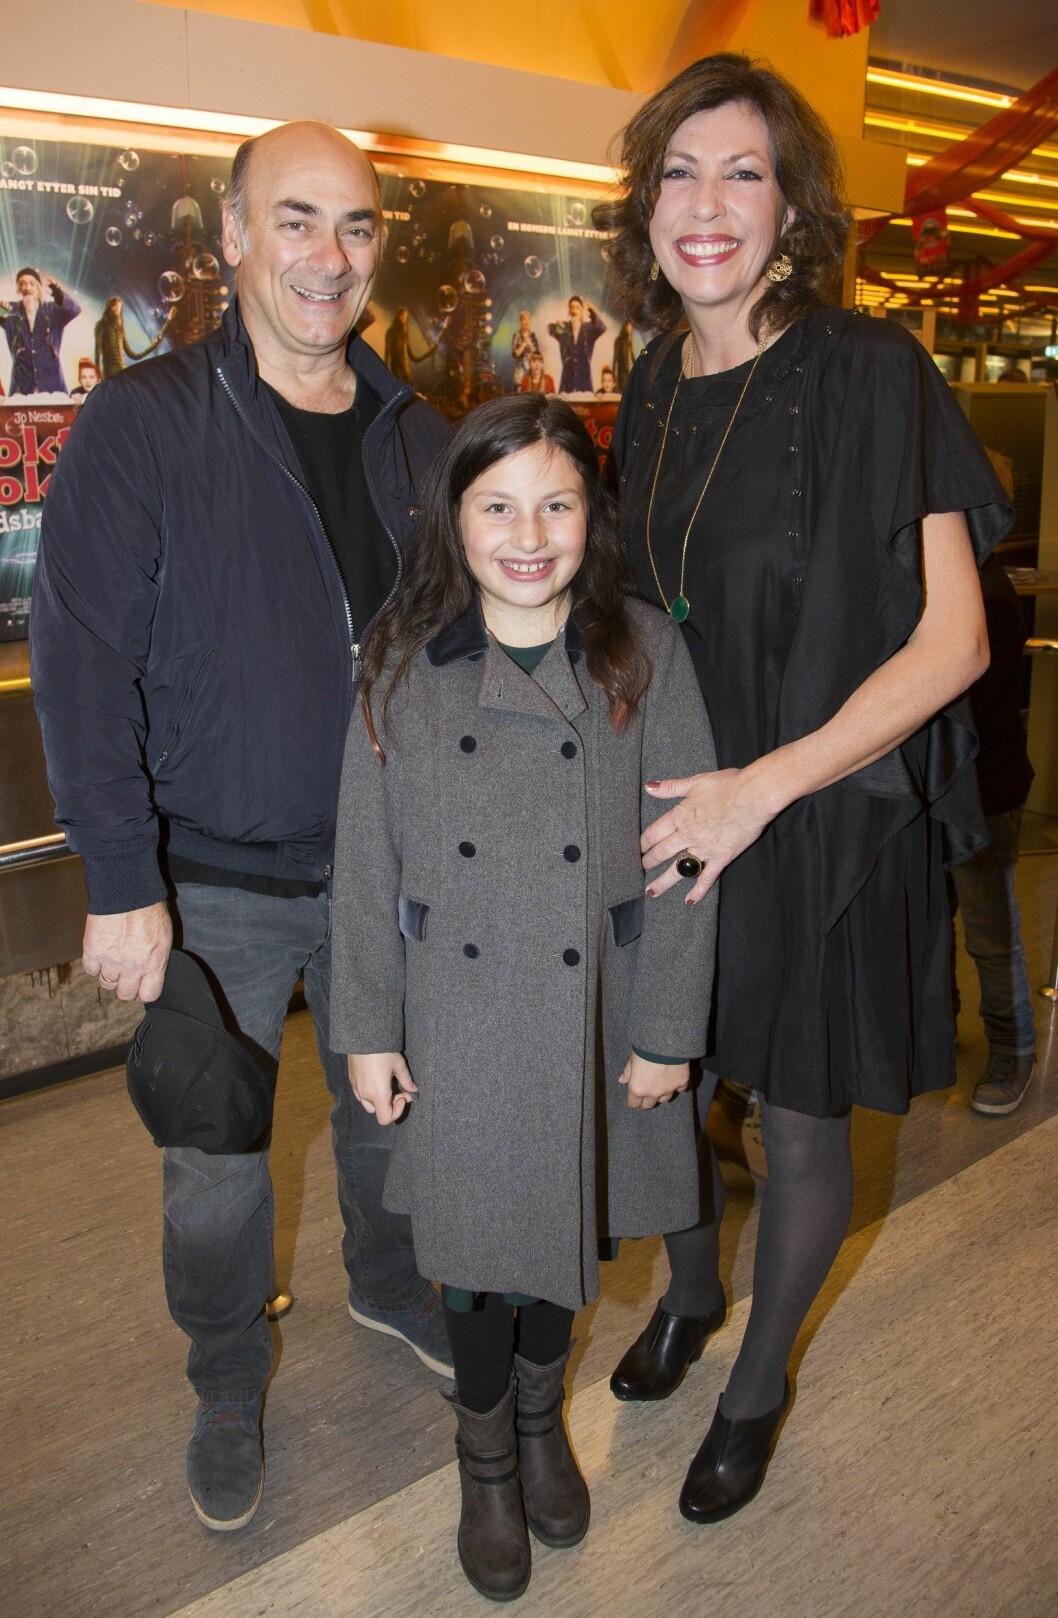 FAMILIEKOS: Helén Vikstvedt med mannen Tony Totino og datteren Sunniva. Foto: Tore Skaar/Se og Hør